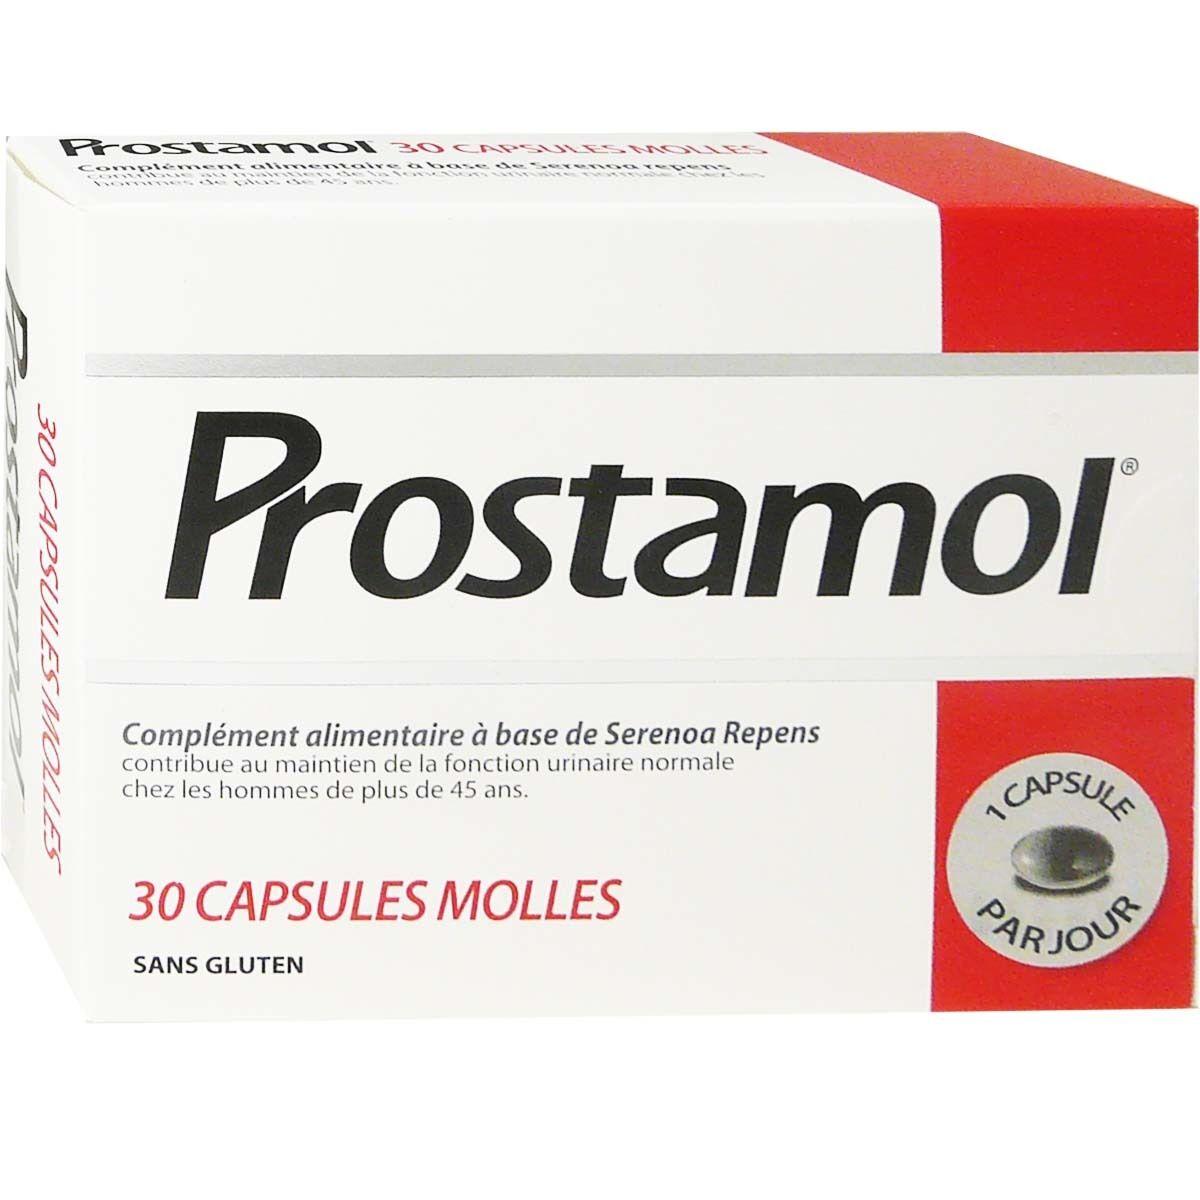 MENARINI Prostamol x30 capsules molles sans gluten